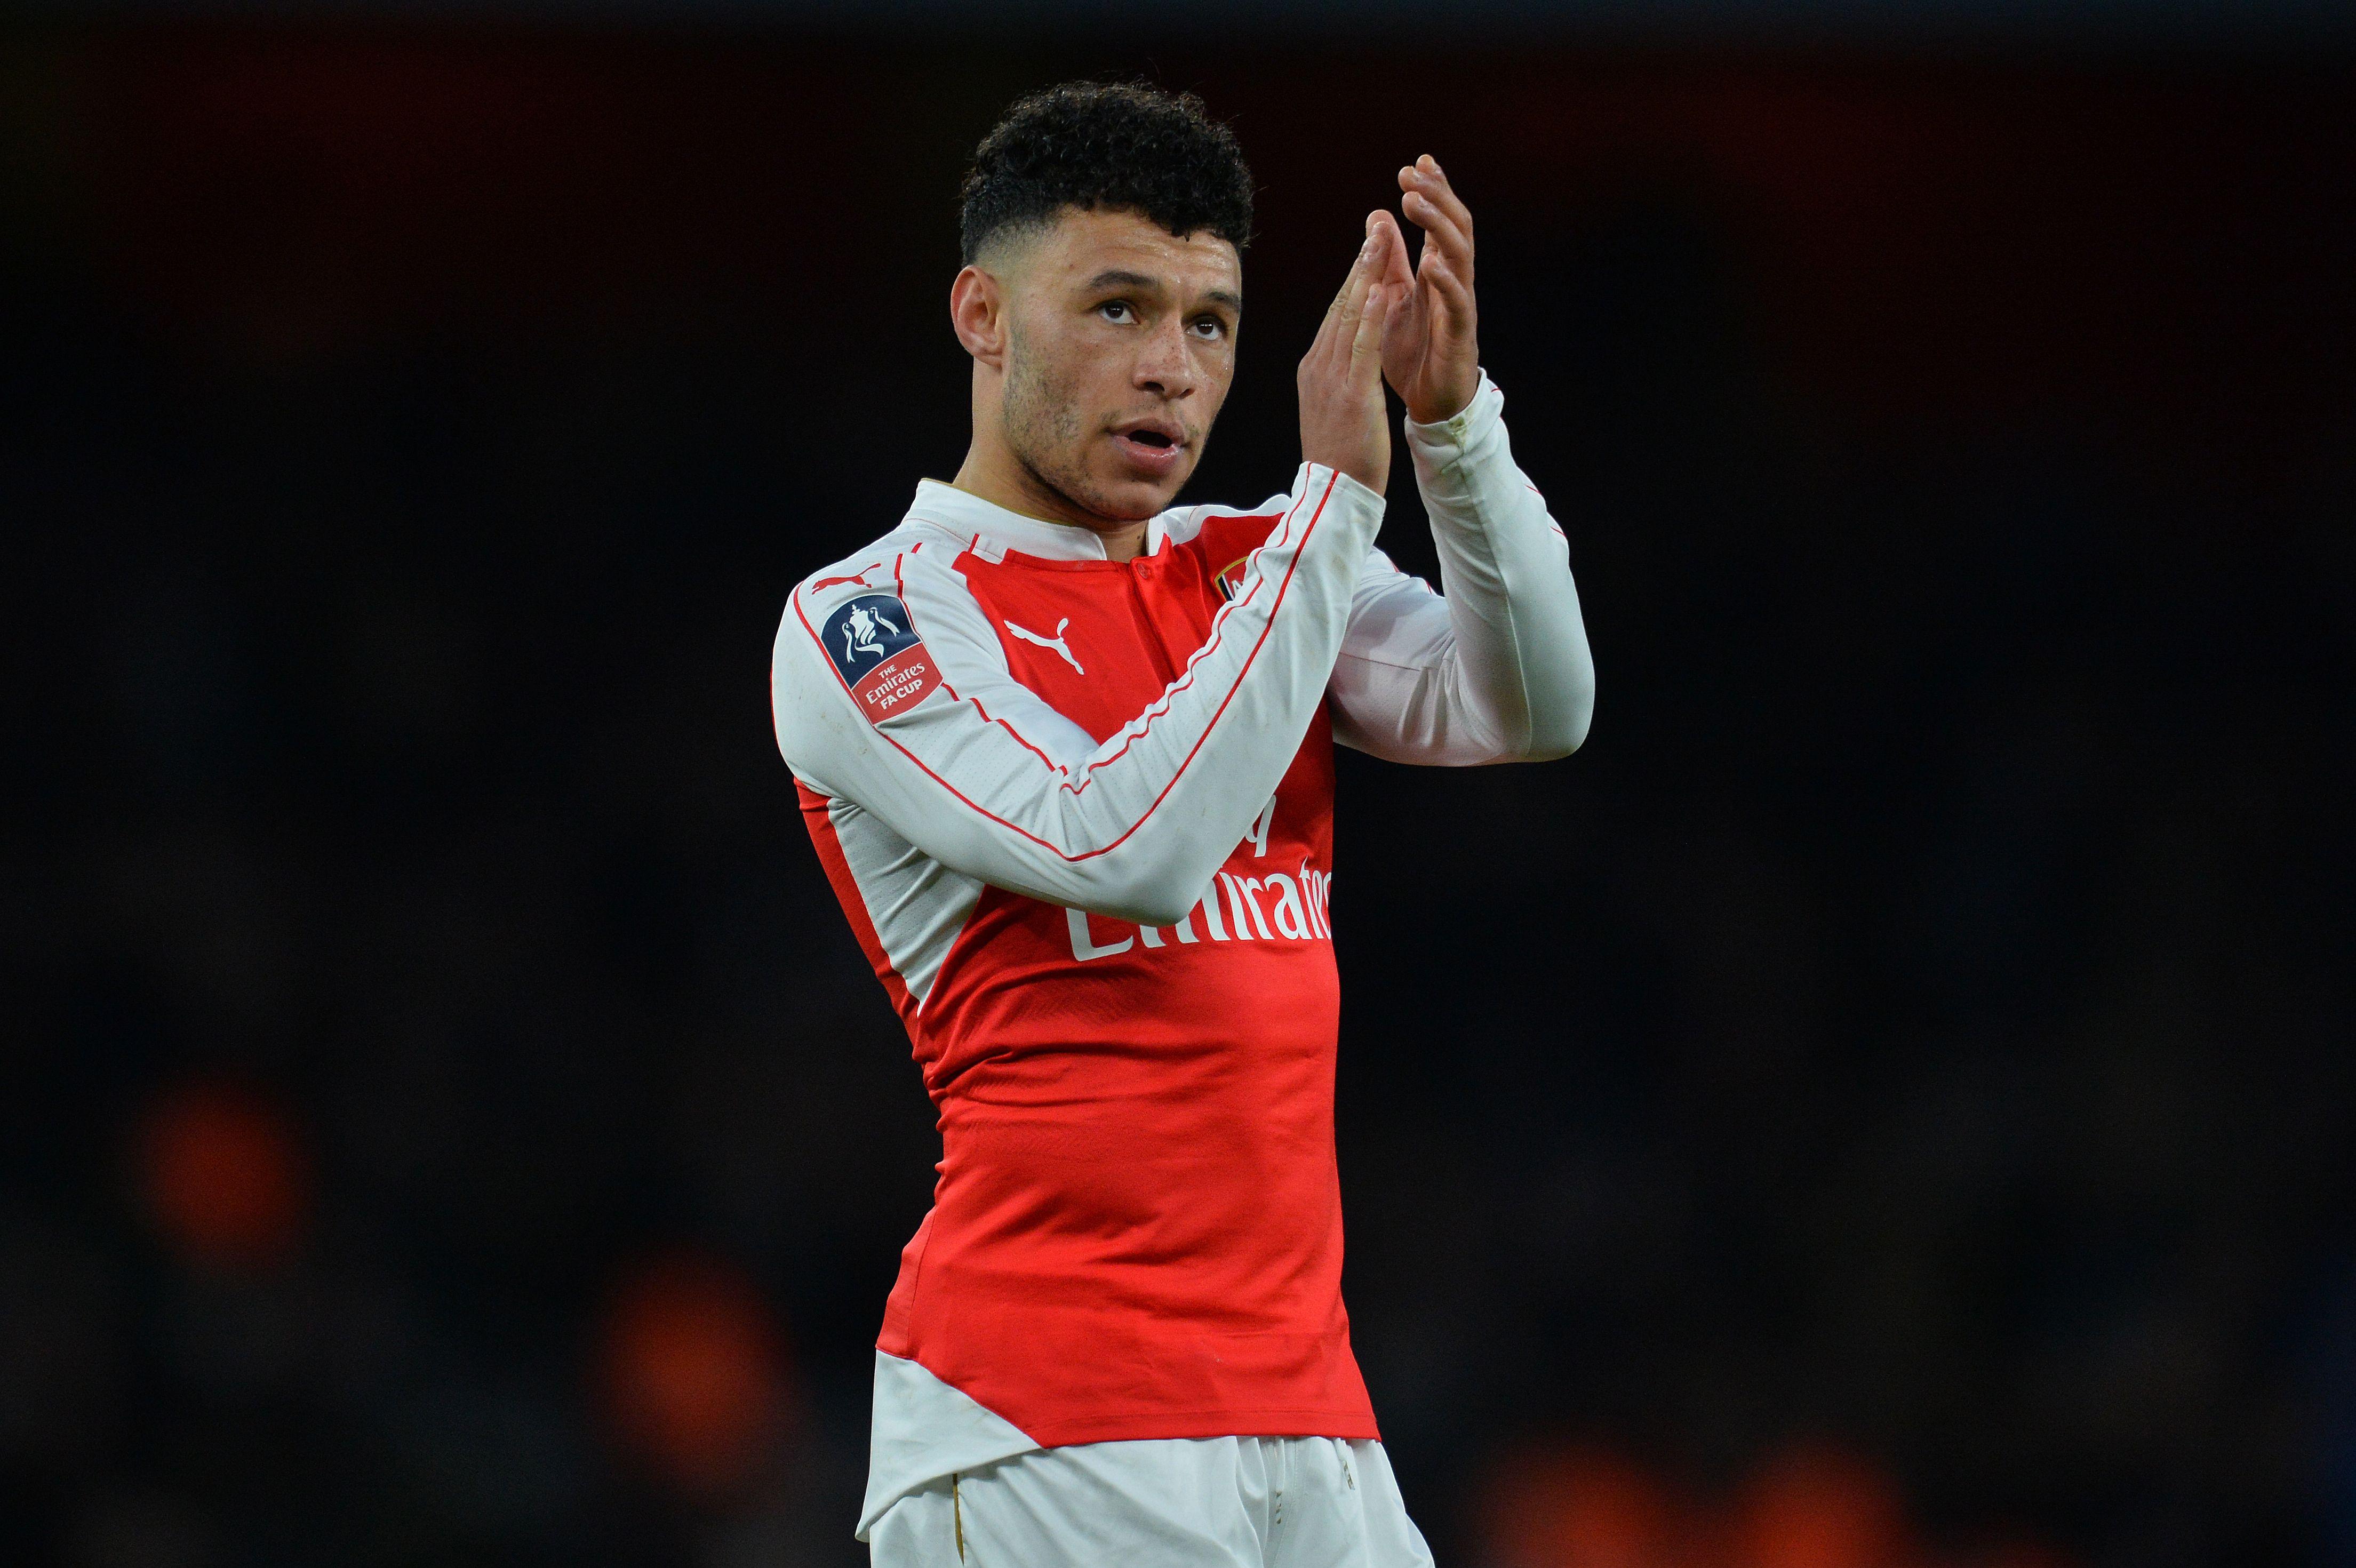 Arsenal , Arsenal Southampton, Arsenal lineup, Southampton lineup, Arsenal Southampton lineup, Arsenal stream, online, channel, when, time, watch, free, live, Arsenal free stream, Arsenal live online